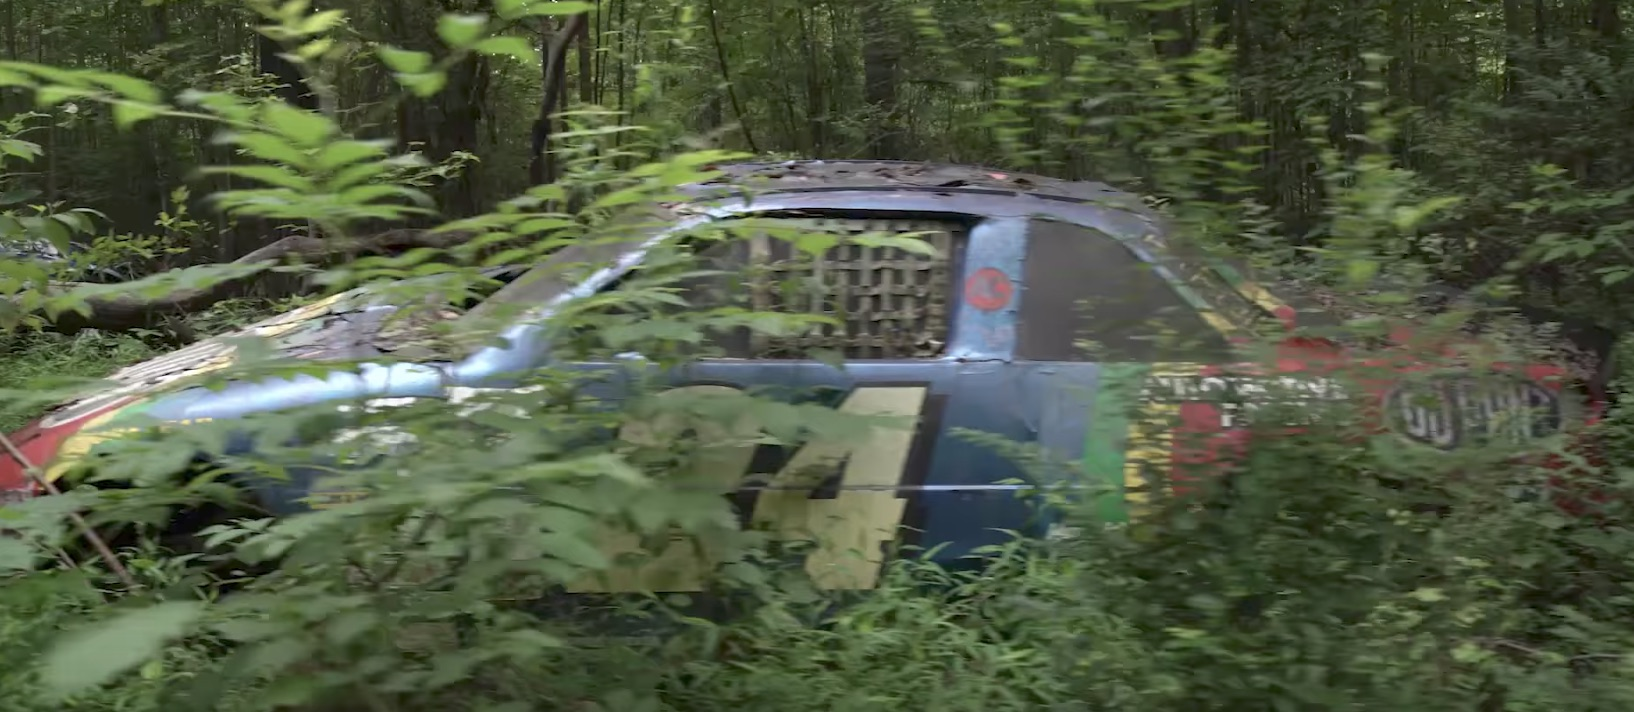 Dale Earnhardt Jr Race Car Junk Yard